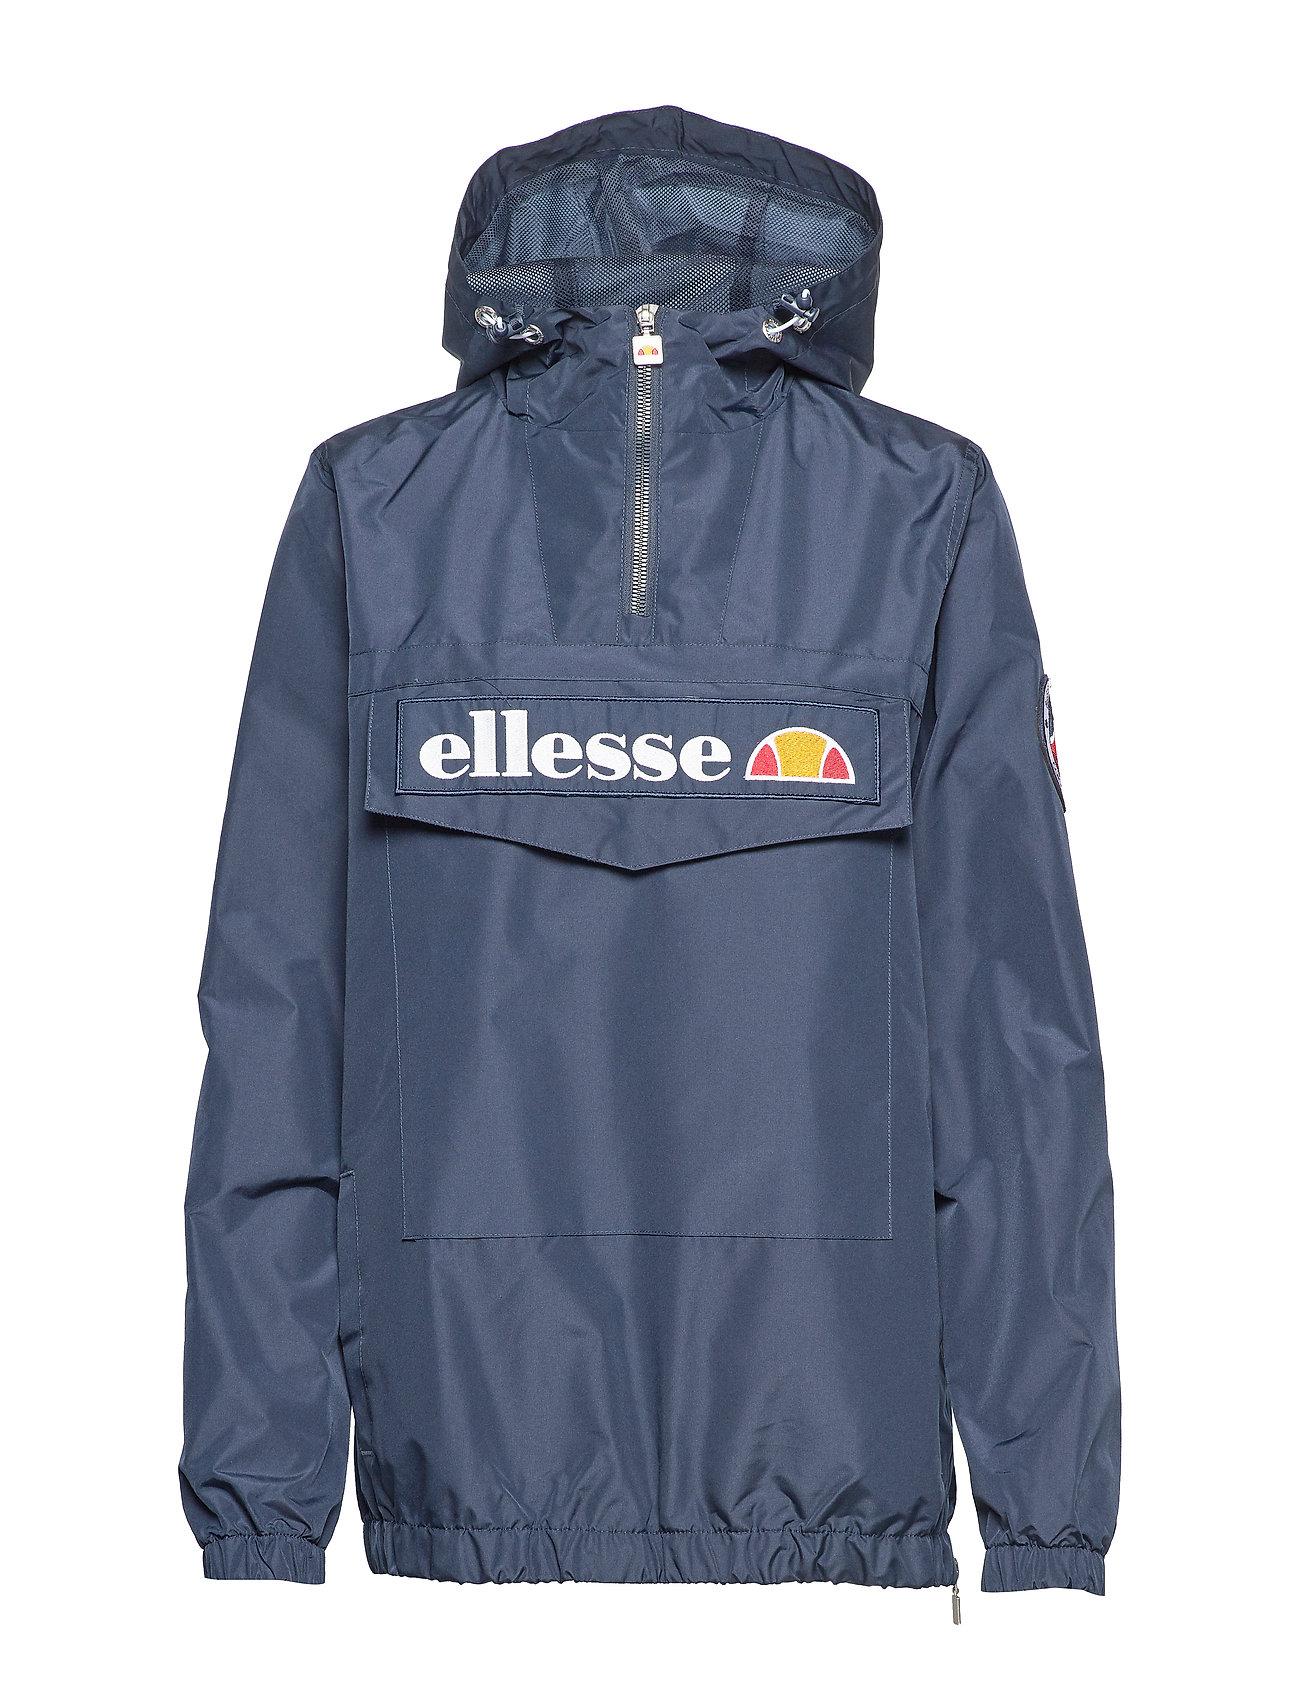 2dress Mont BlueEllesse BlueEllesse 2dress Mont El Mont Mont 2dress BlueEllesse El El El cq3AL5R4j